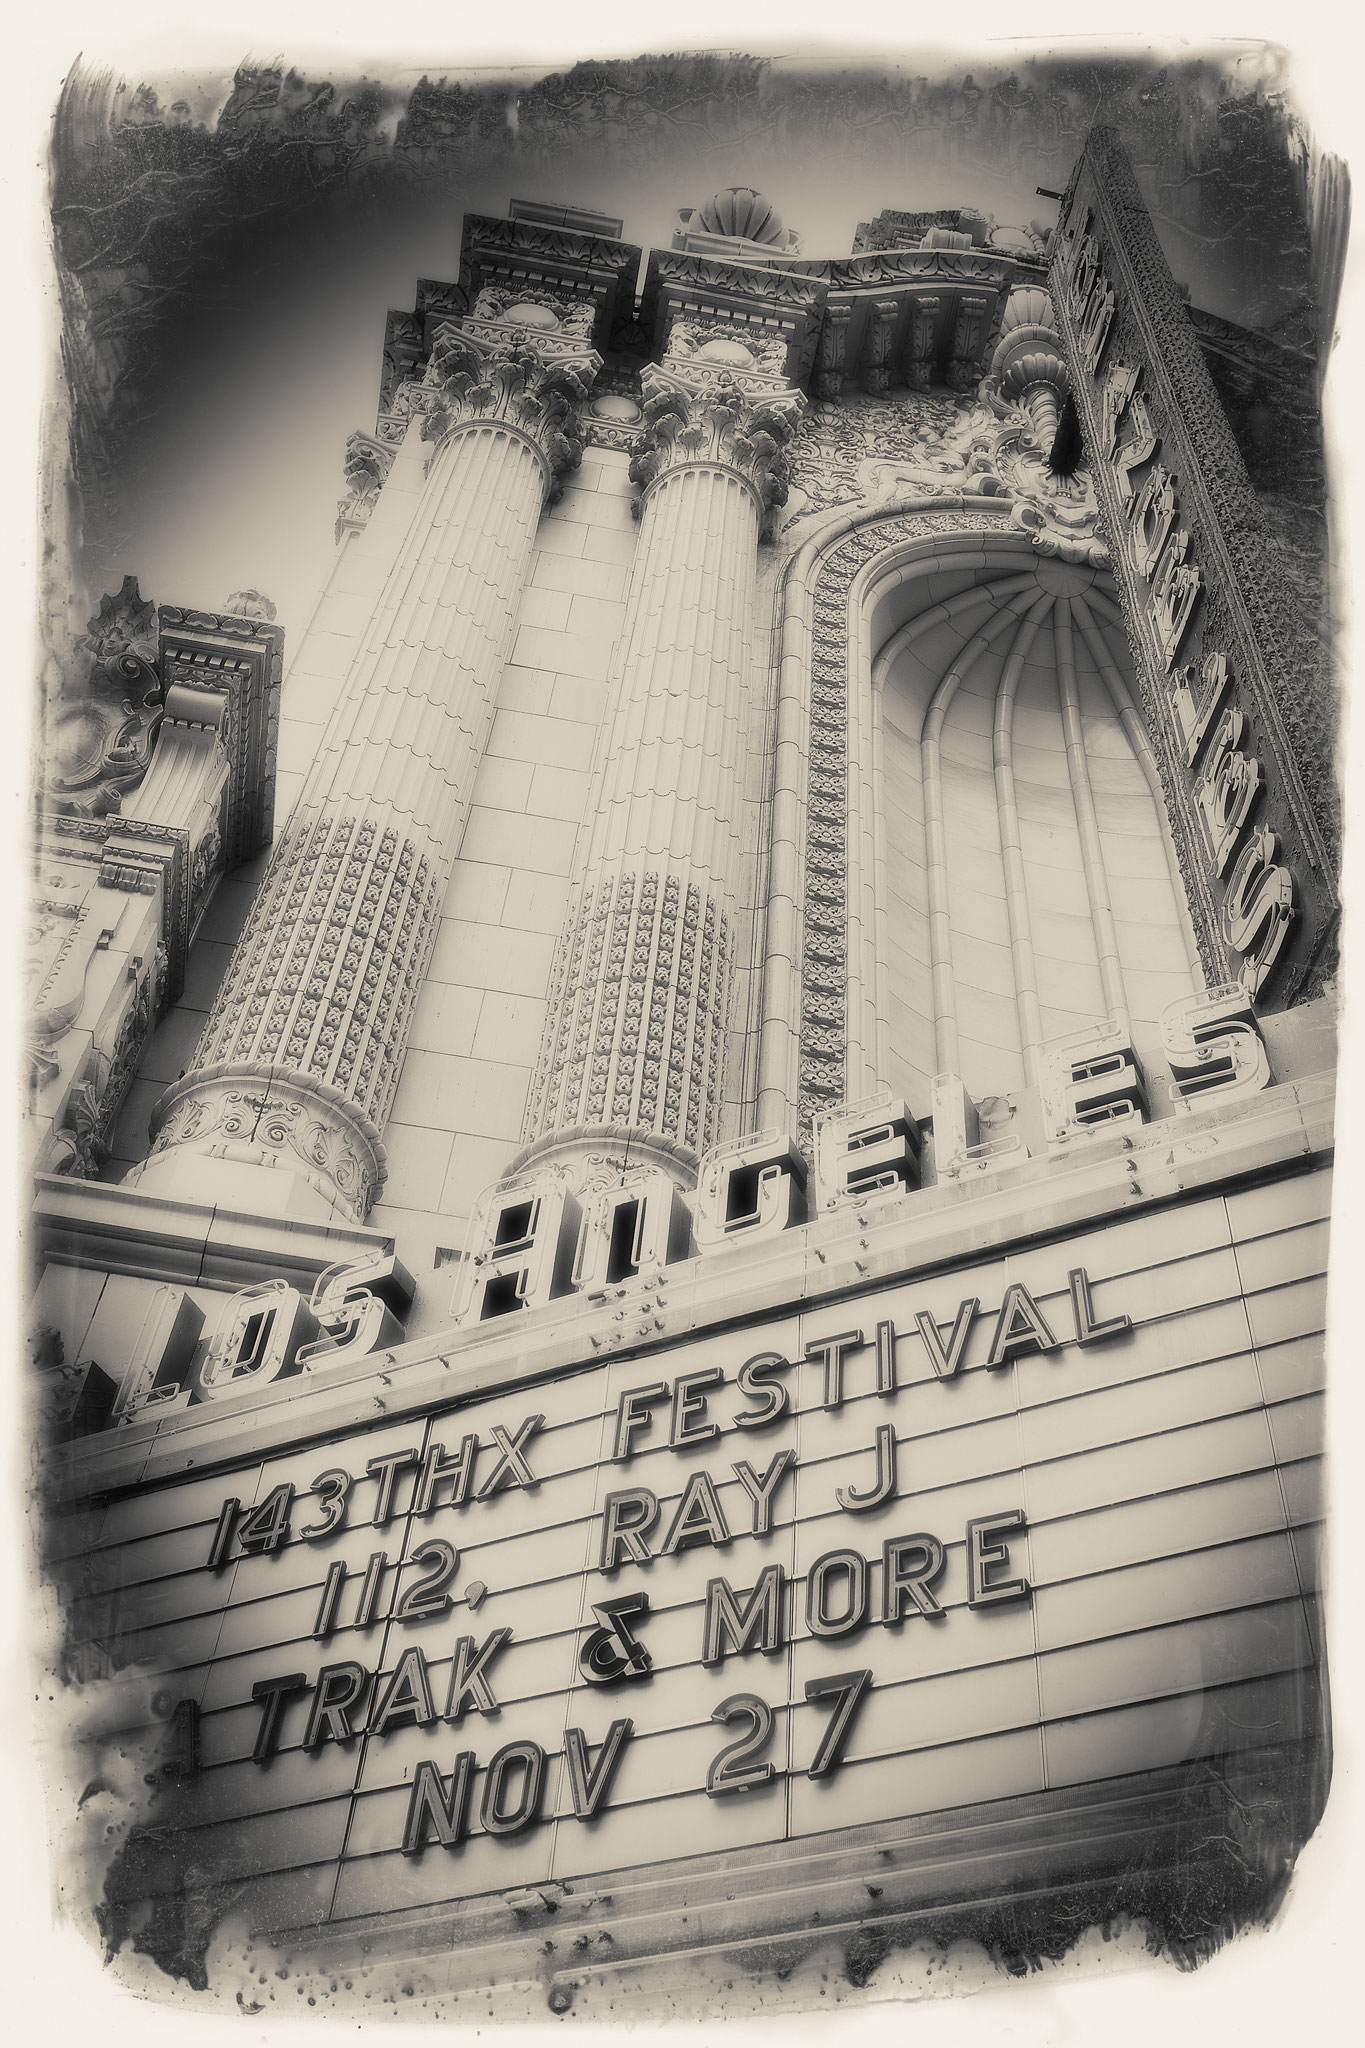 LOS ANGELES THEATER ouvert en 1931 lieu hanté par tant de grands esprits ... cette balade immortelle fut magnifique ... fouler vos pas ... City of Angels